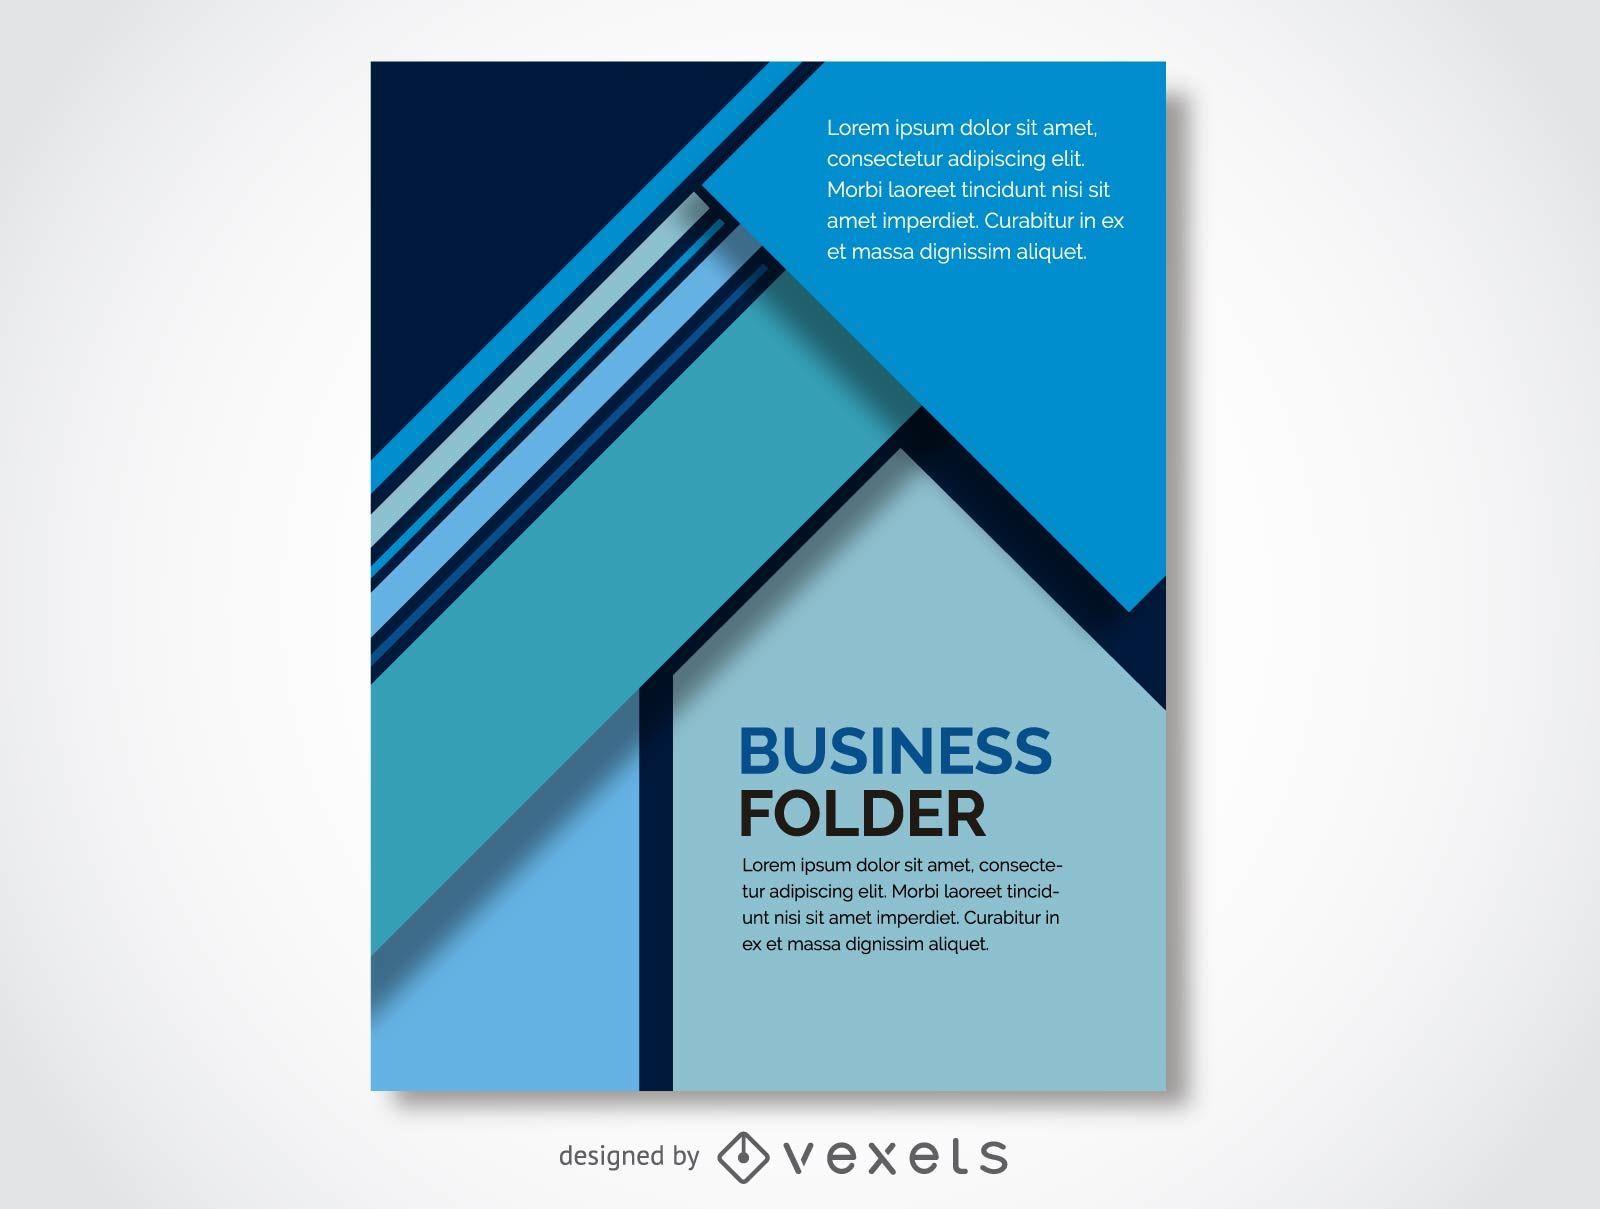 Diseño de portada de negocios - Descargar vector